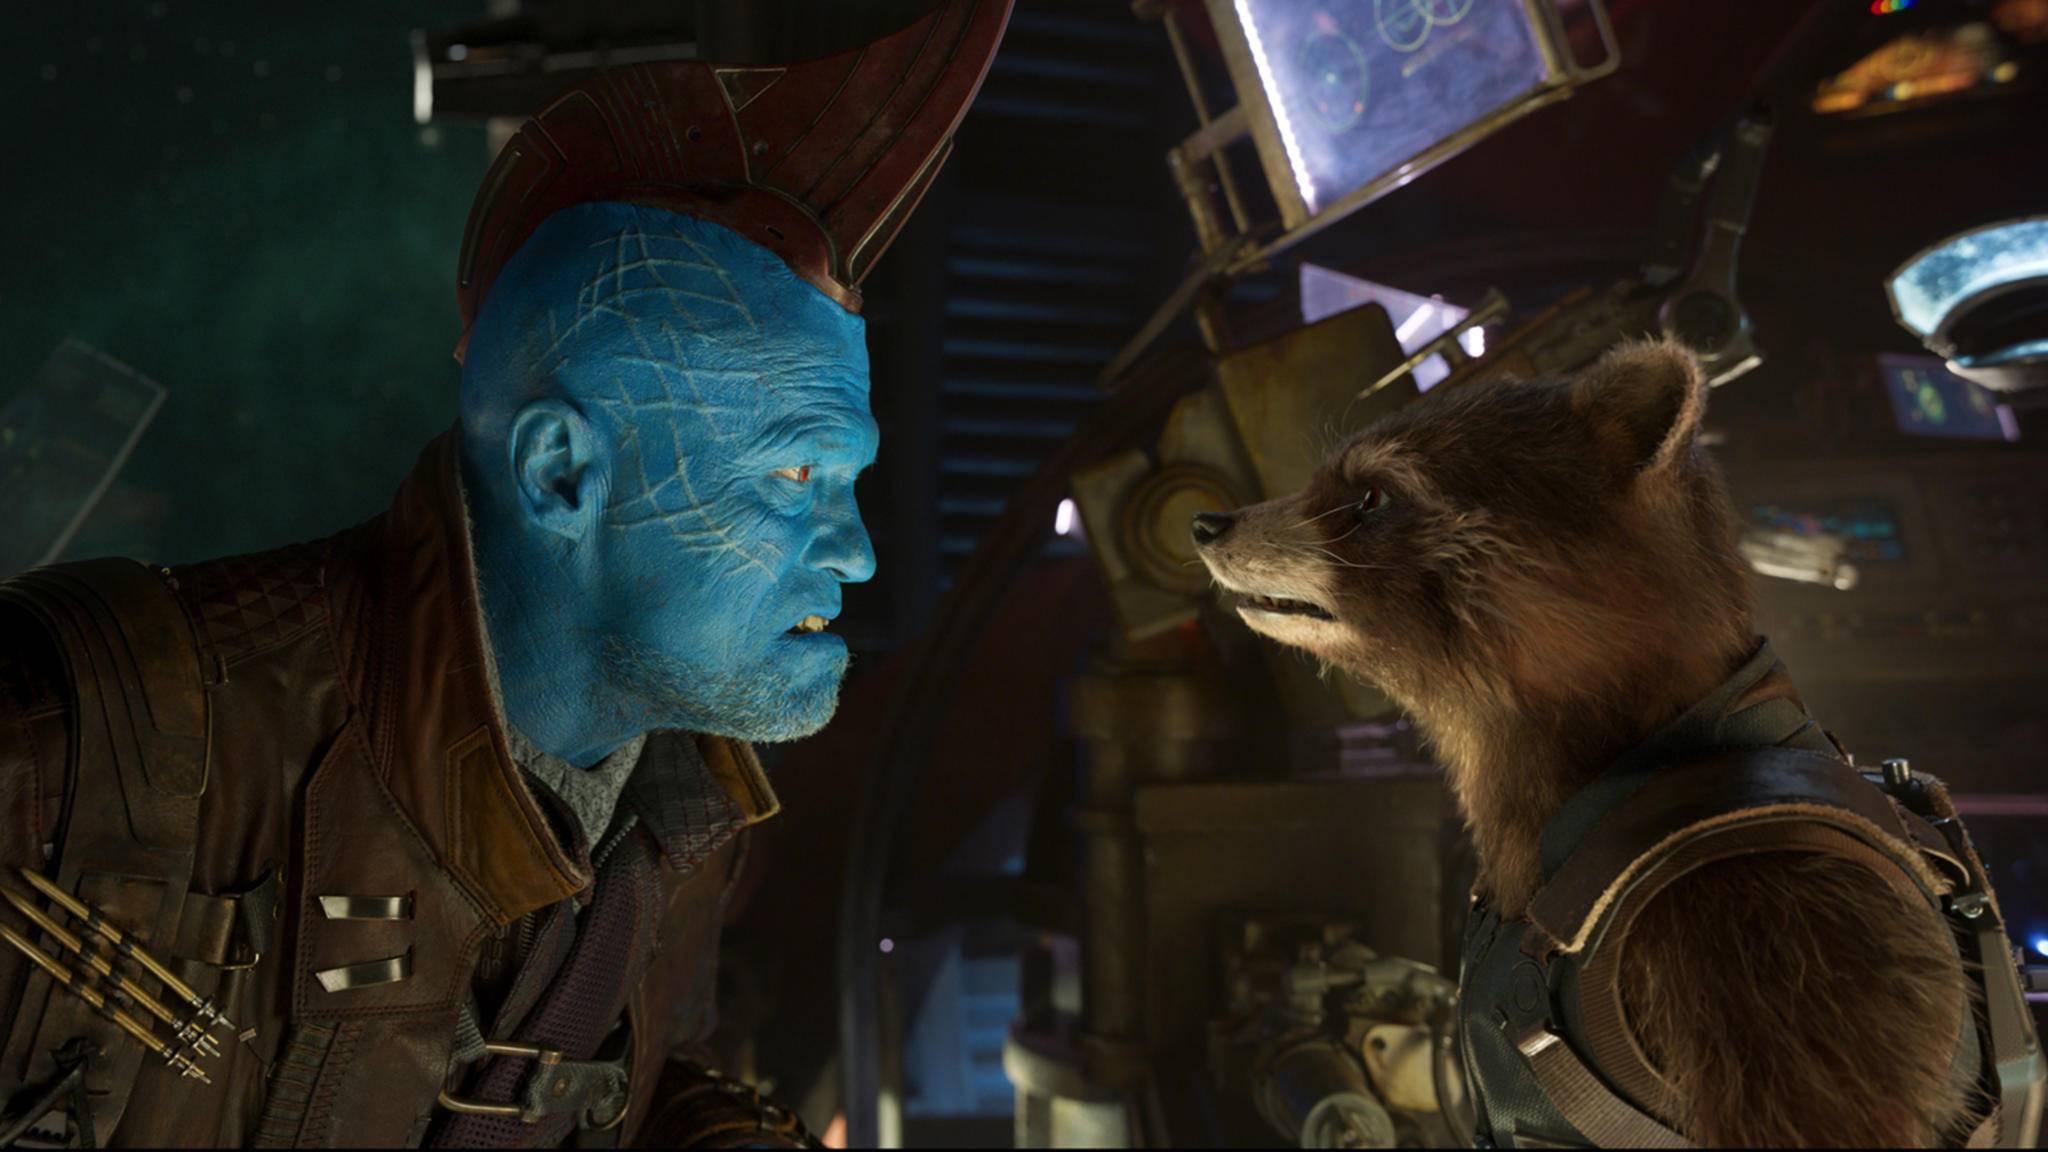 """Yondus (links im Bild) Finne in den """"Guardians of the Galaxy""""-Filmen erinnerte bereits leicht an eine Haiflosse. Jetzt könnte Darsteller Michael Rooker wirklich zum Raubfisch werden."""